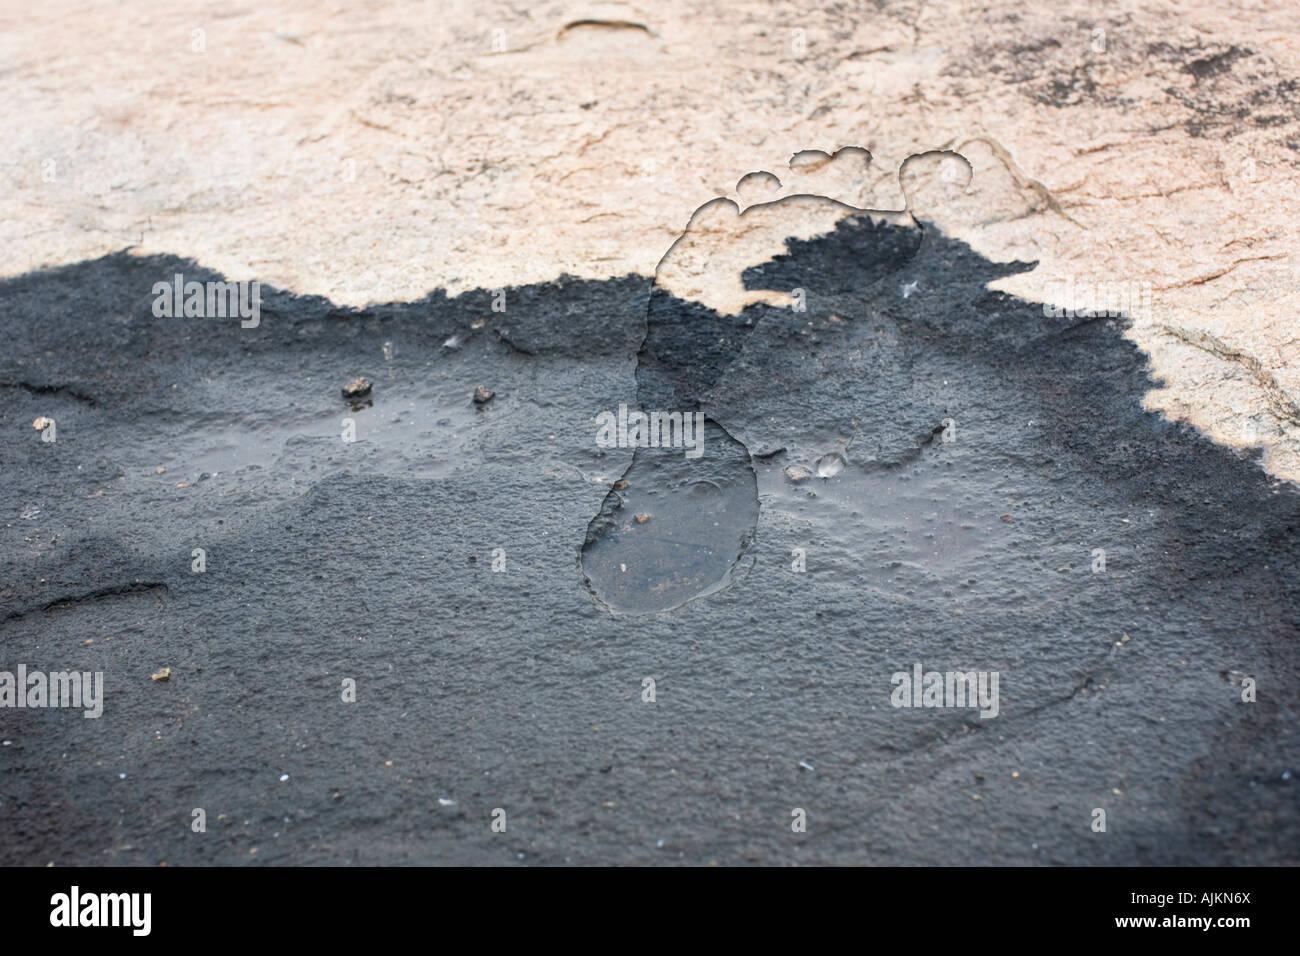 Huella superpuesto en roca para representar la huella de carbono Imagen De Stock